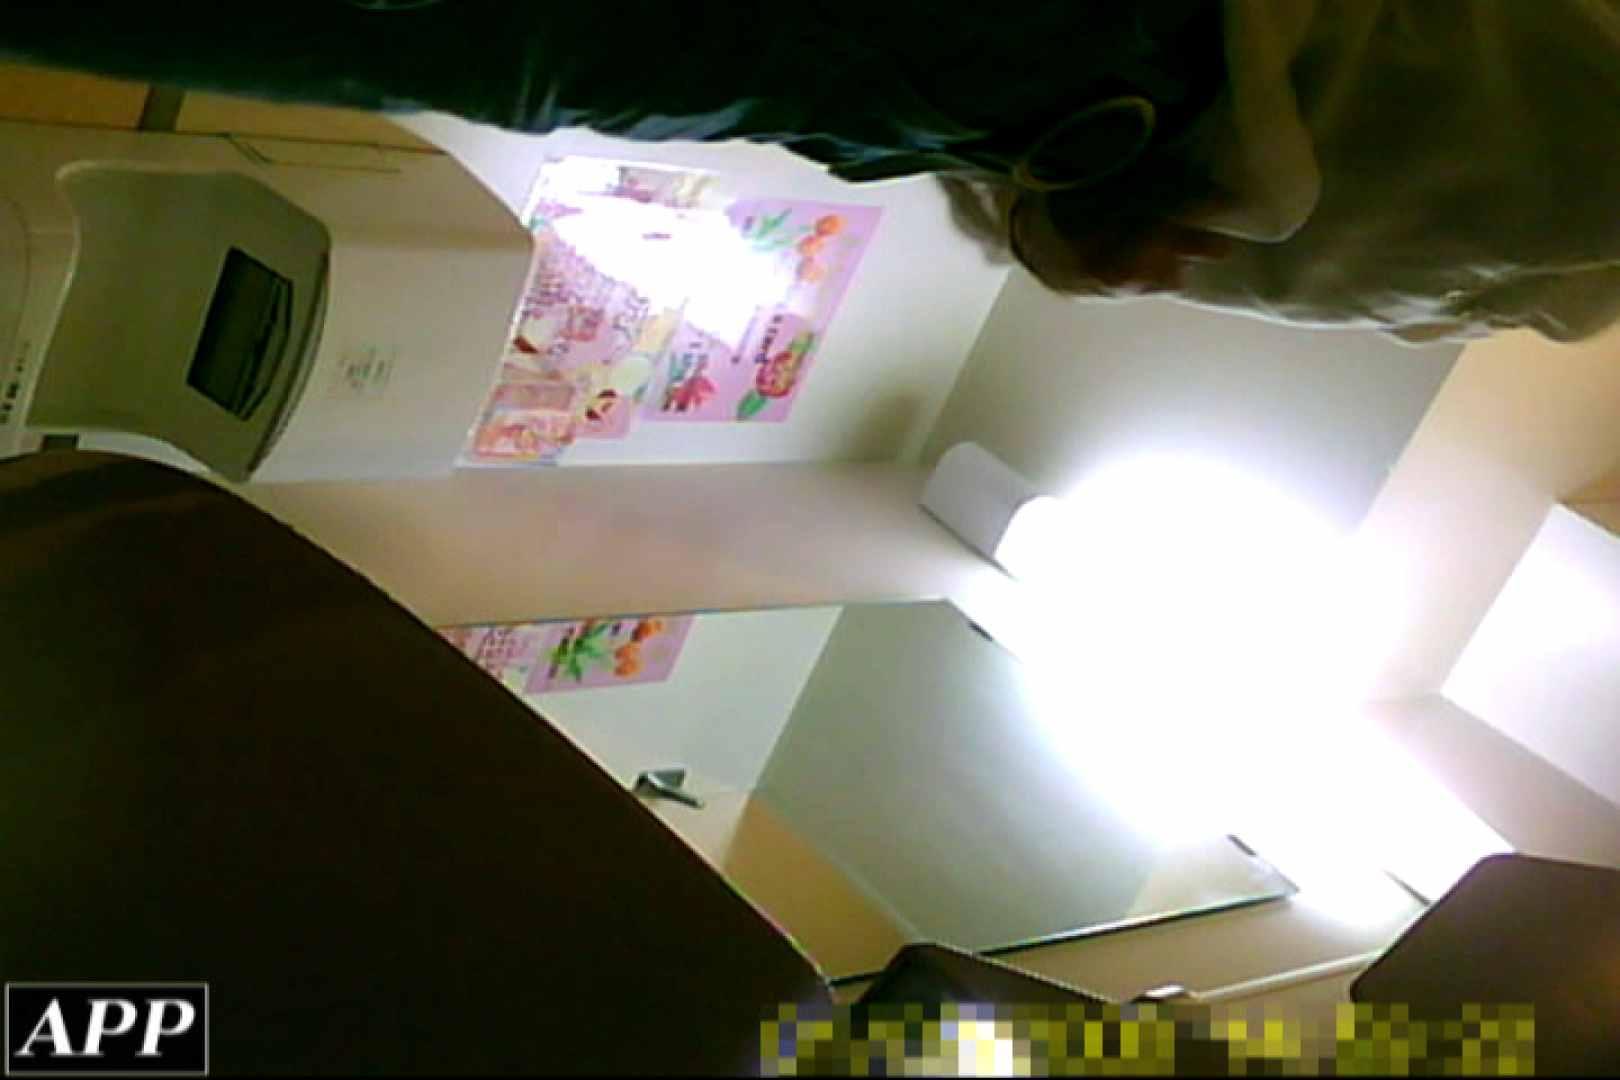 3視点洗面所 vol.114 盗撮 隠し撮りオマンコ動画紹介 99画像 98